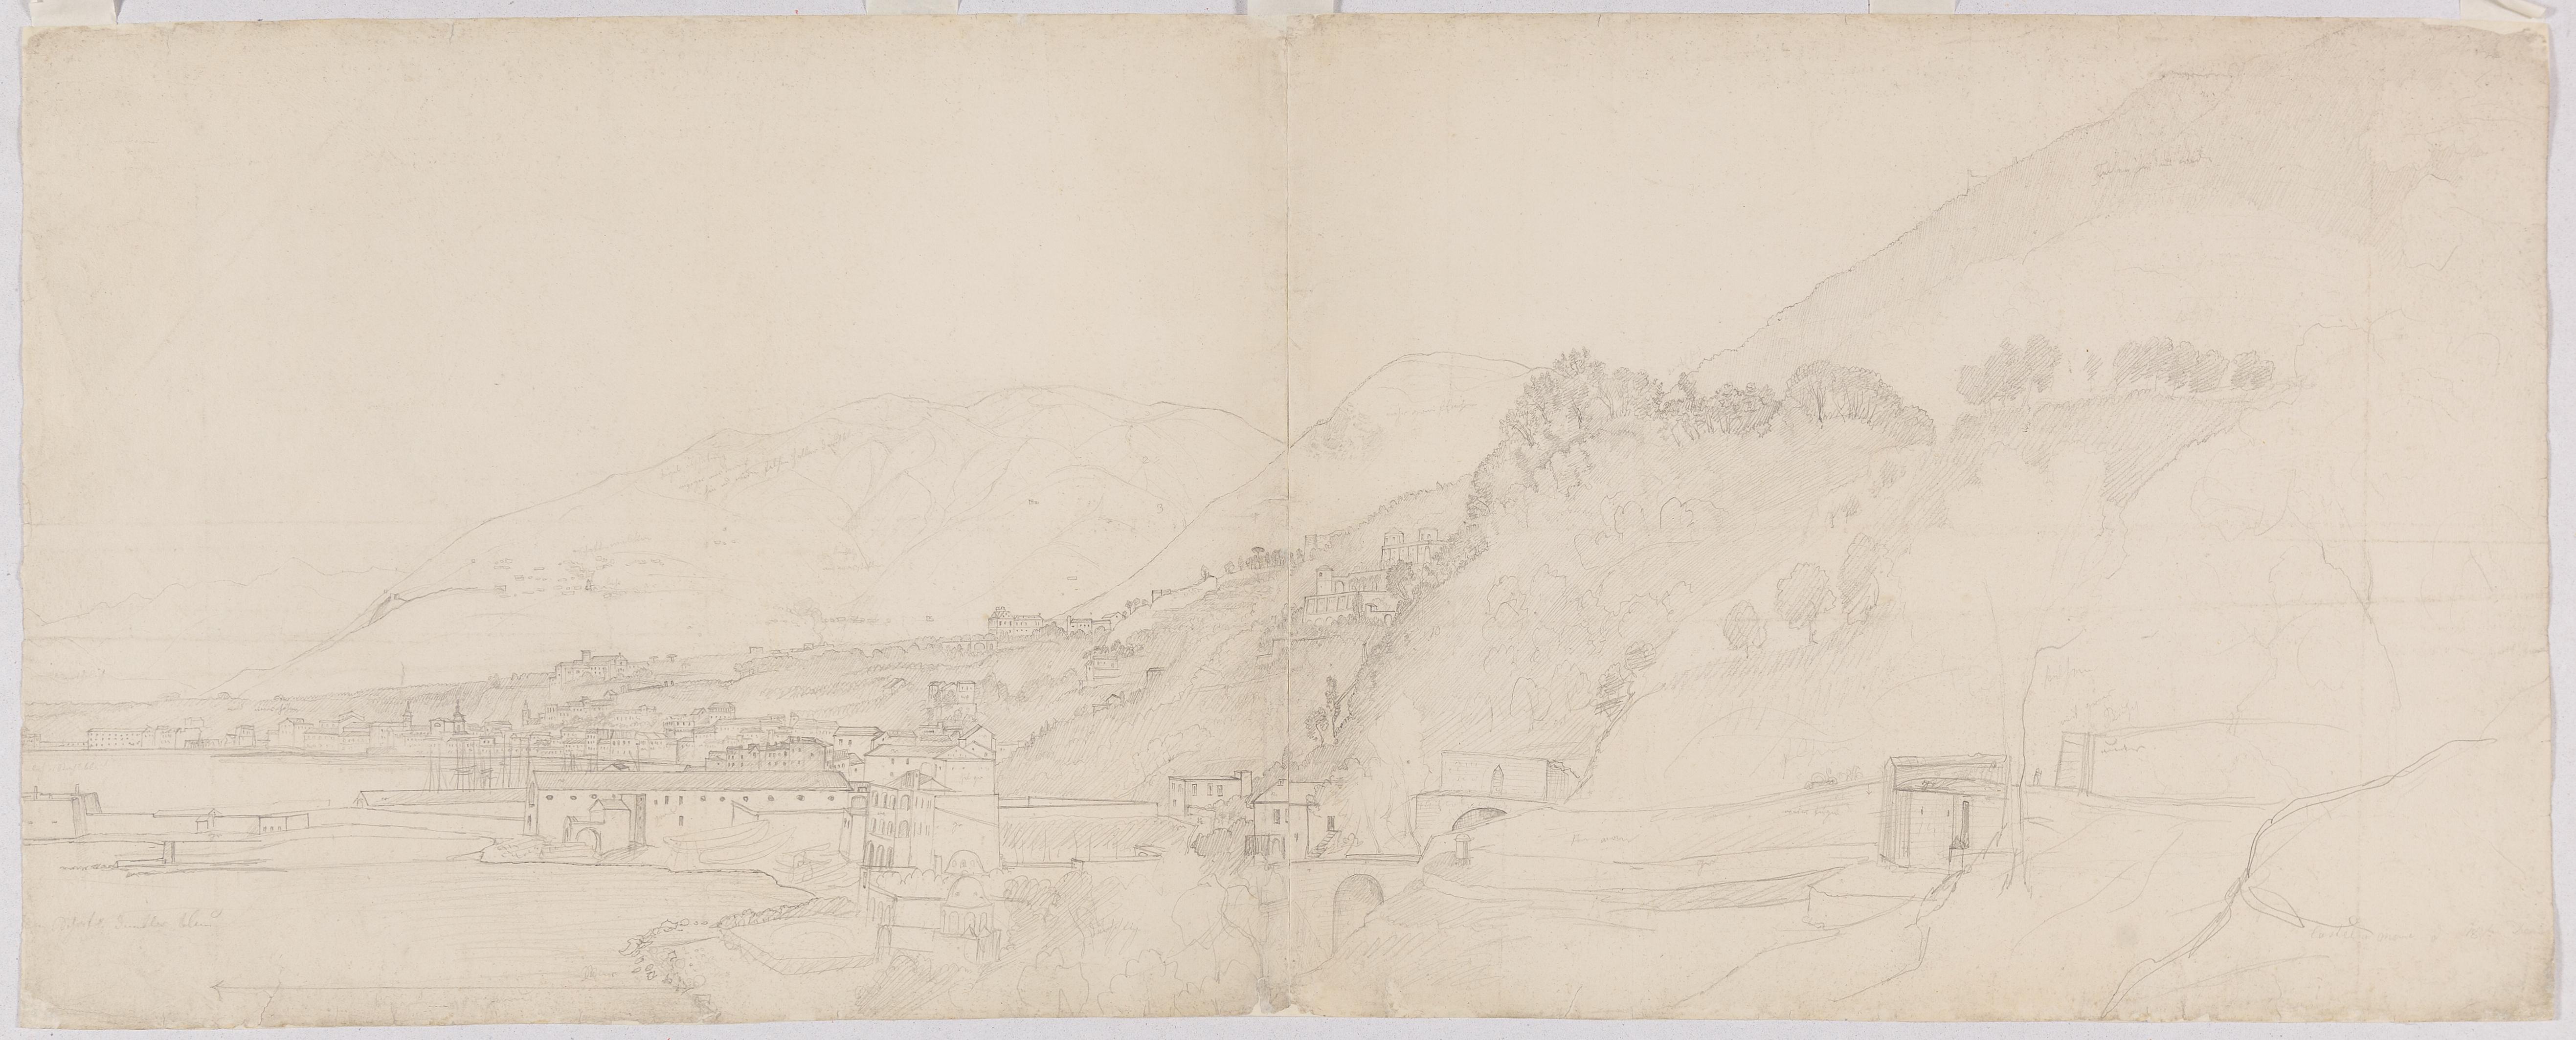 Johann Martin von Rohden (1778 - 1868), Castel a mare, um 1832 / 1833